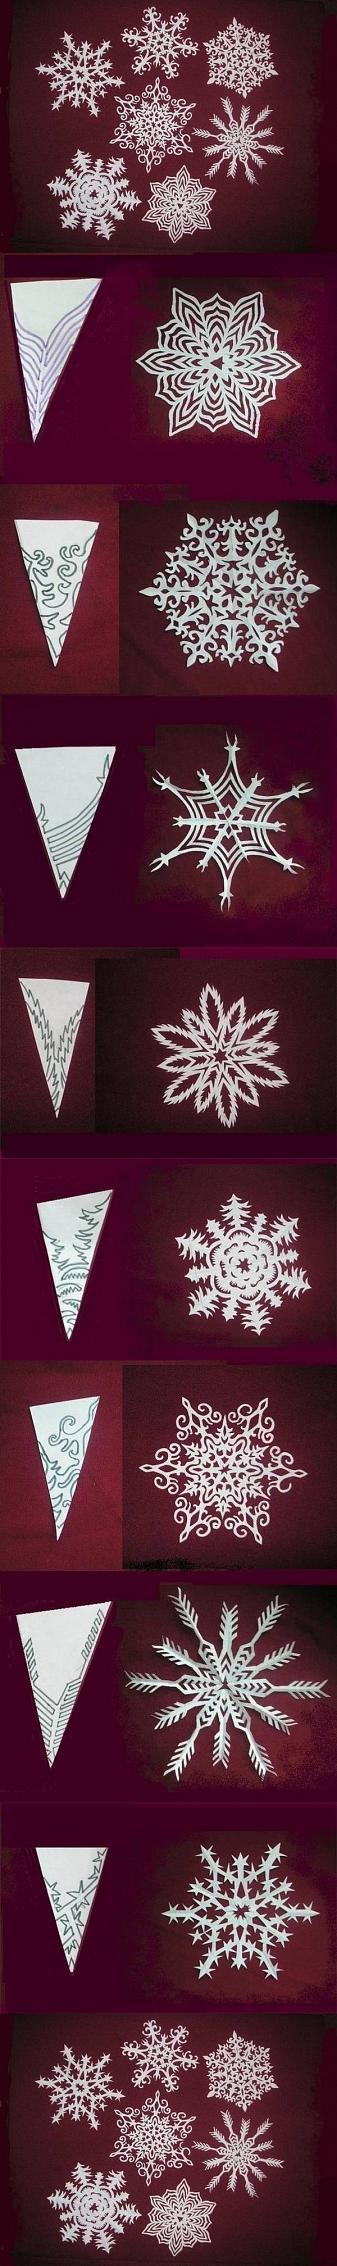 DIY Snowflakes Paper Pattern Tutorial DIY Projects | UsefulDIY.com